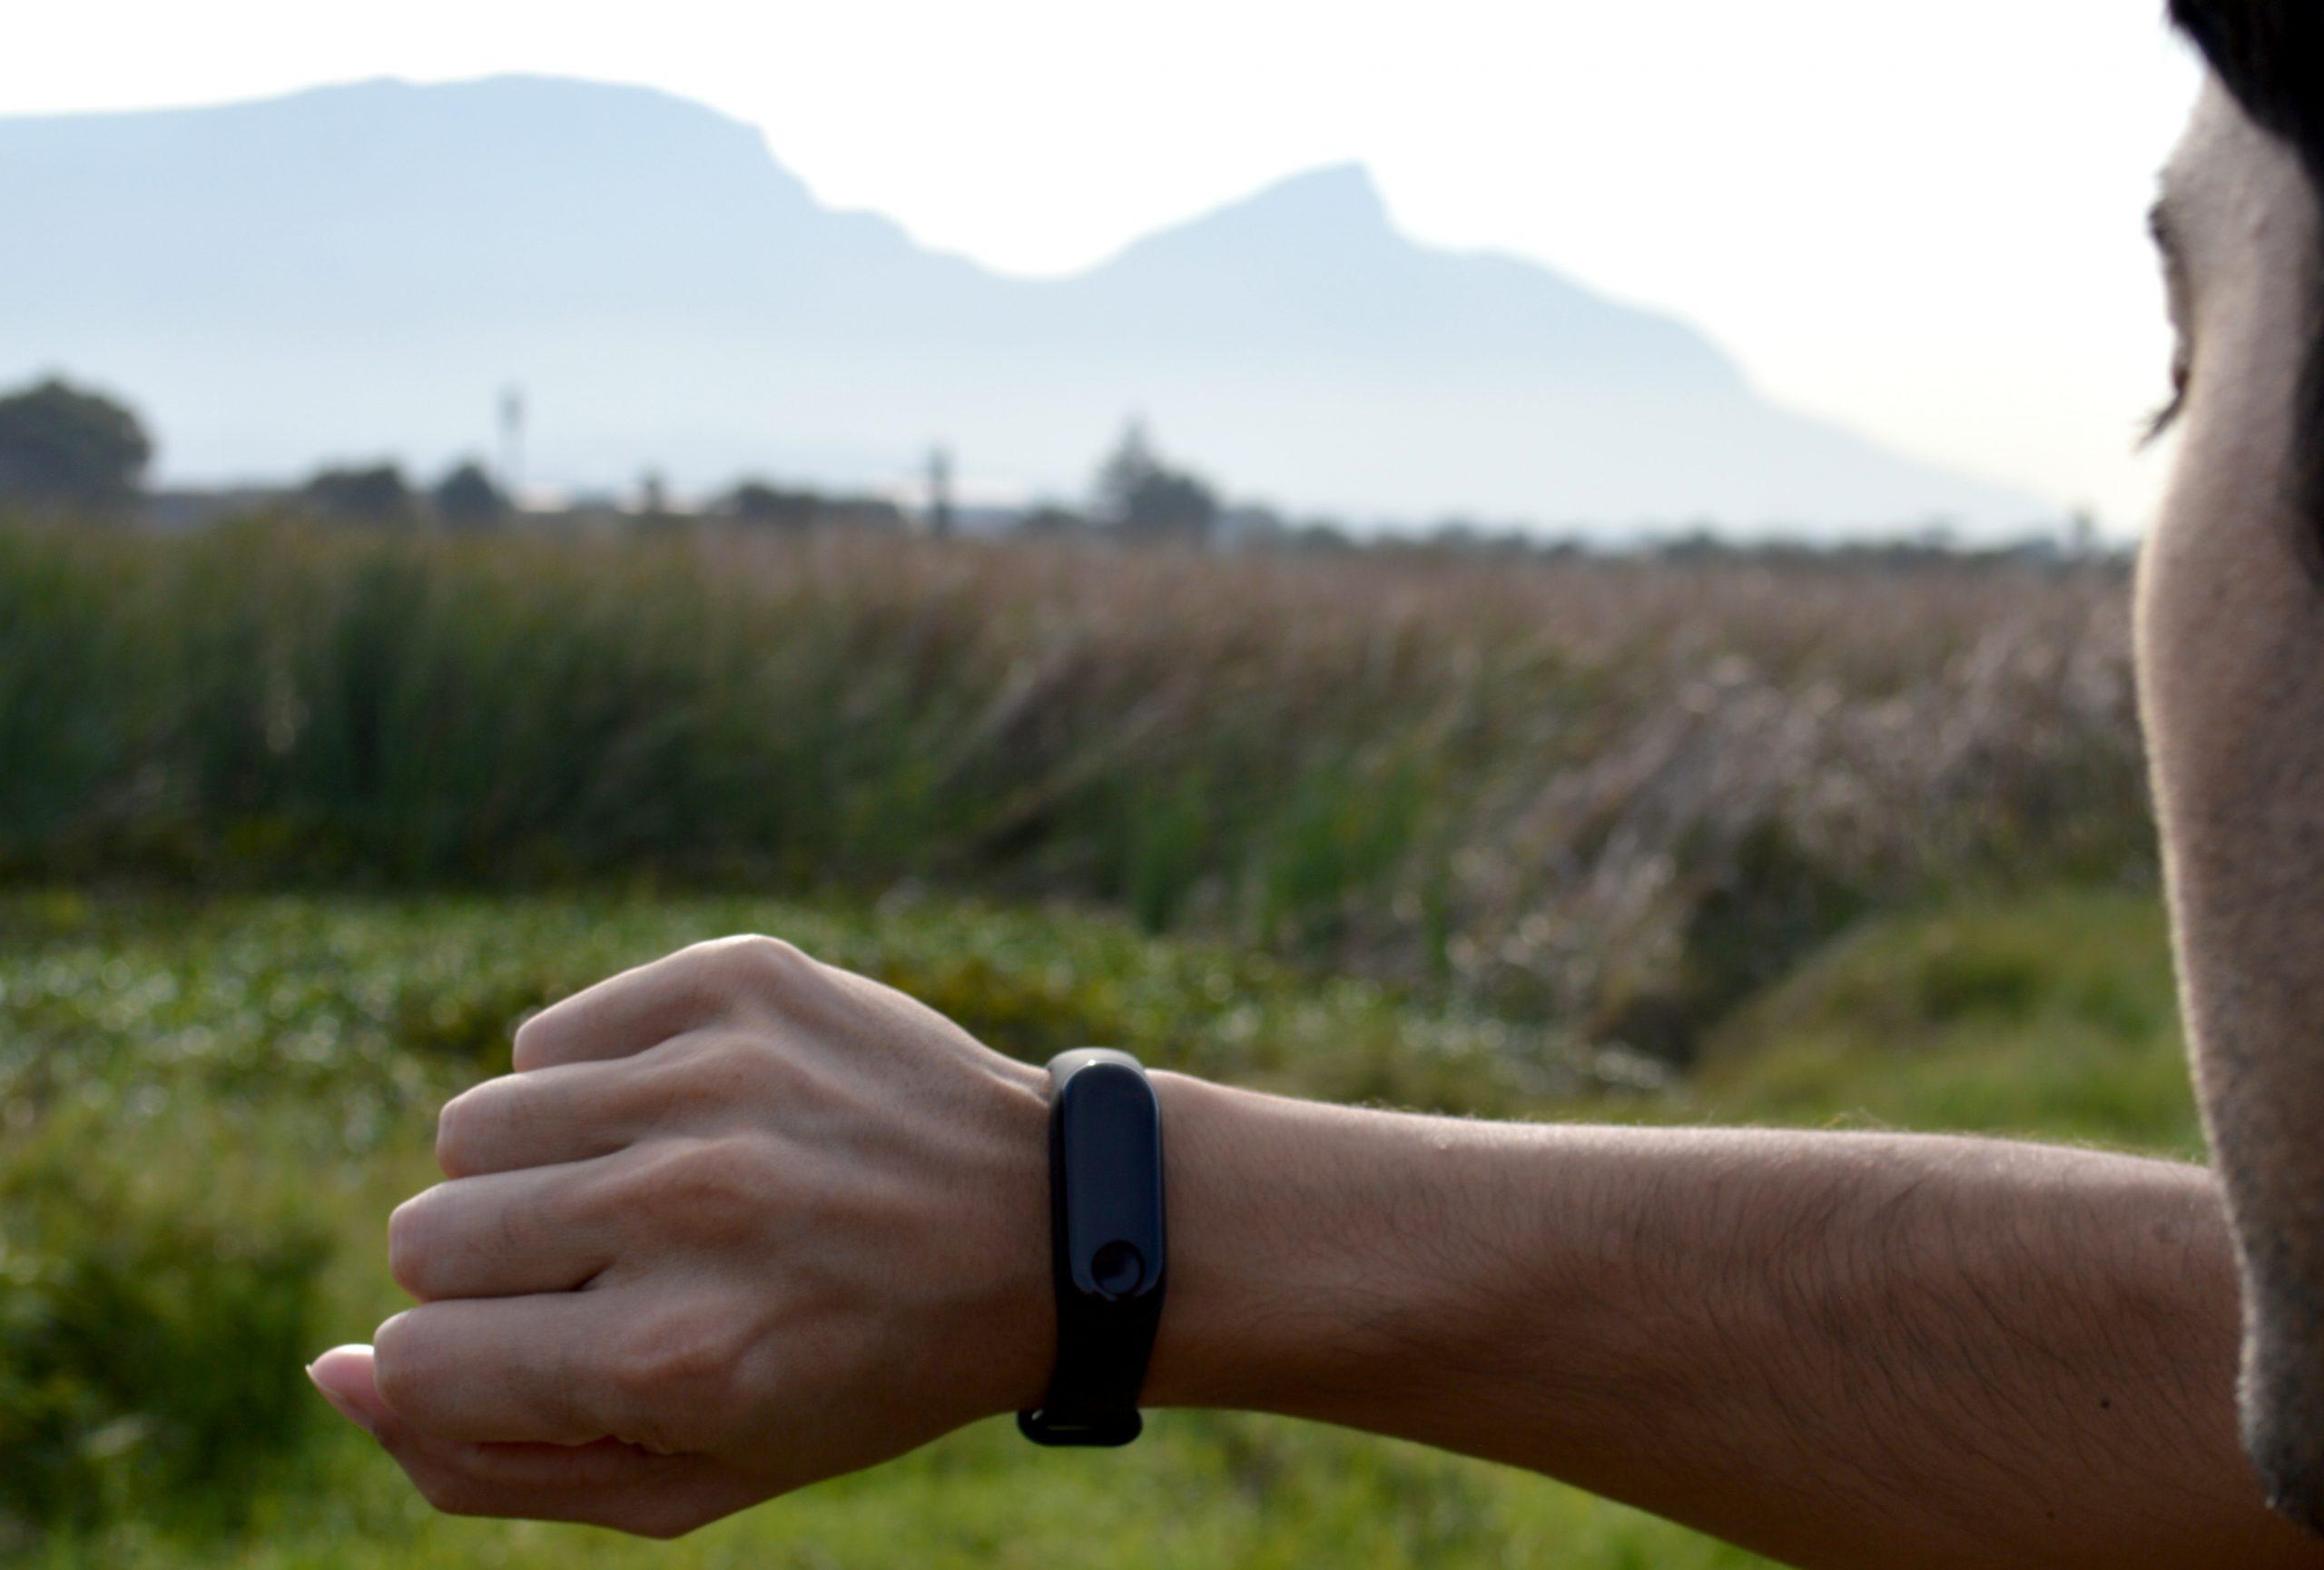 Samsung Fitness Tracker: Test & Empfehlungen (08/20)